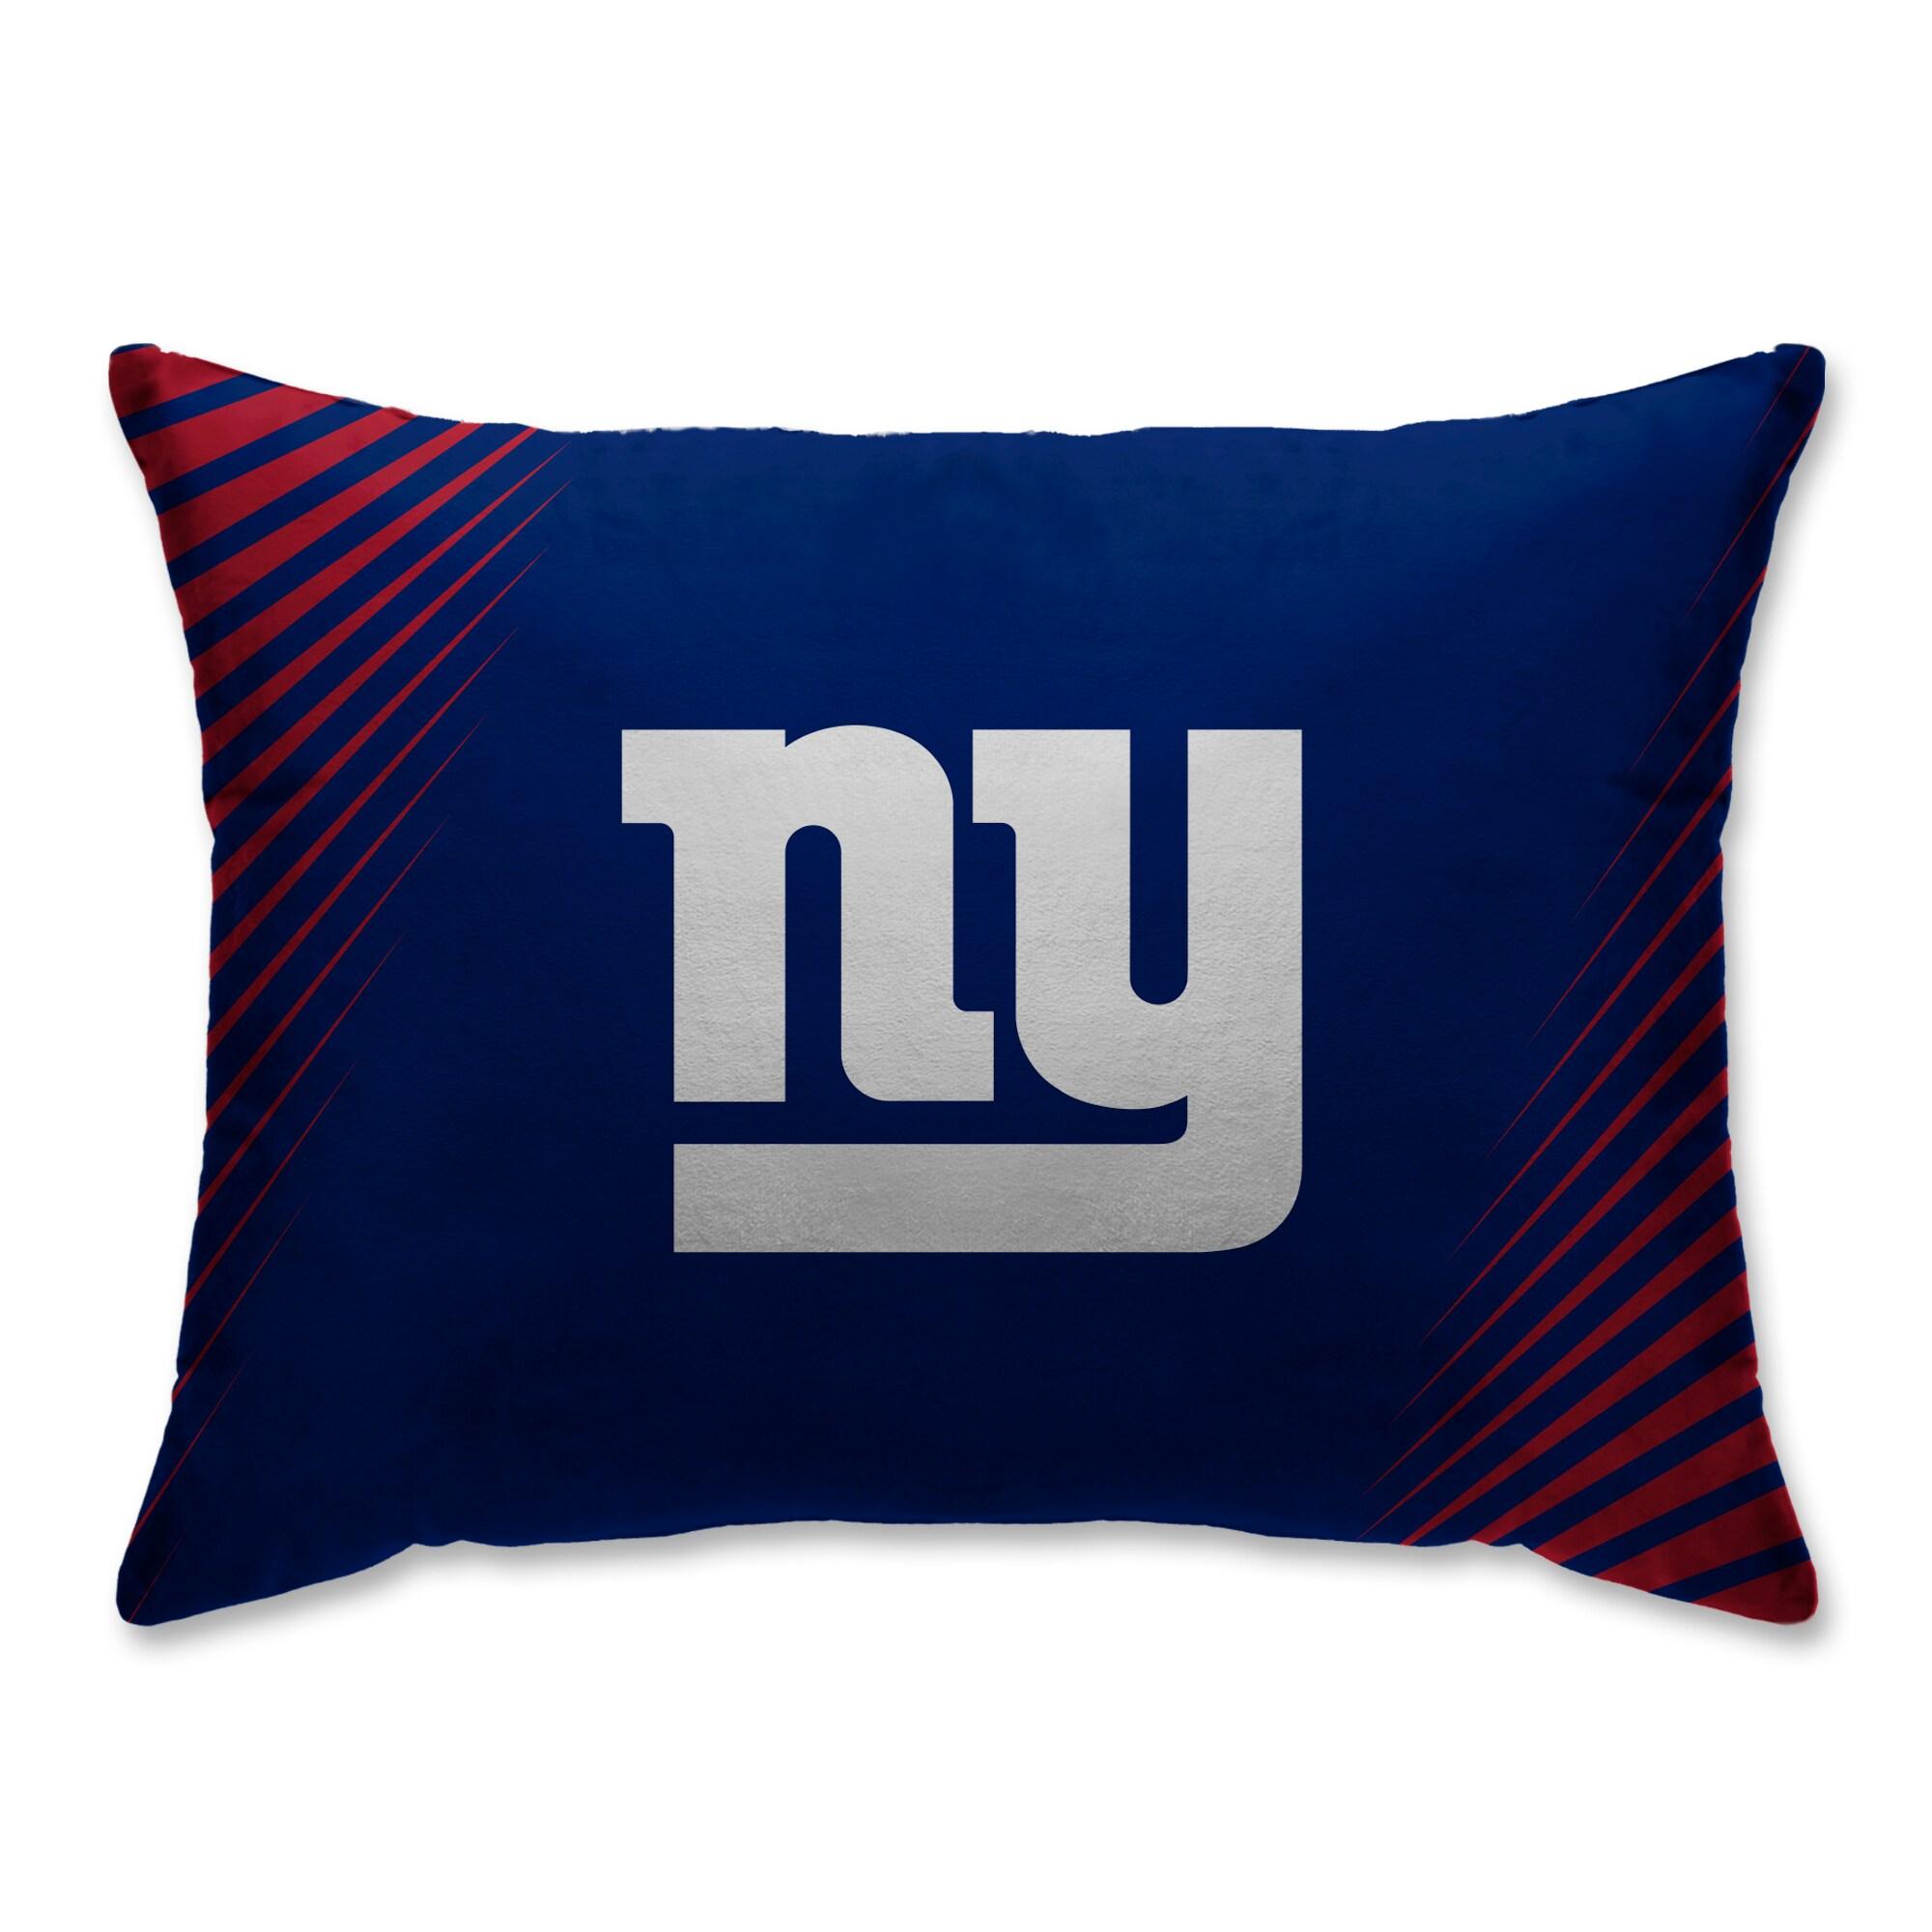 New York Giants Side Streak Plush Standard Pillow Protector - Blue